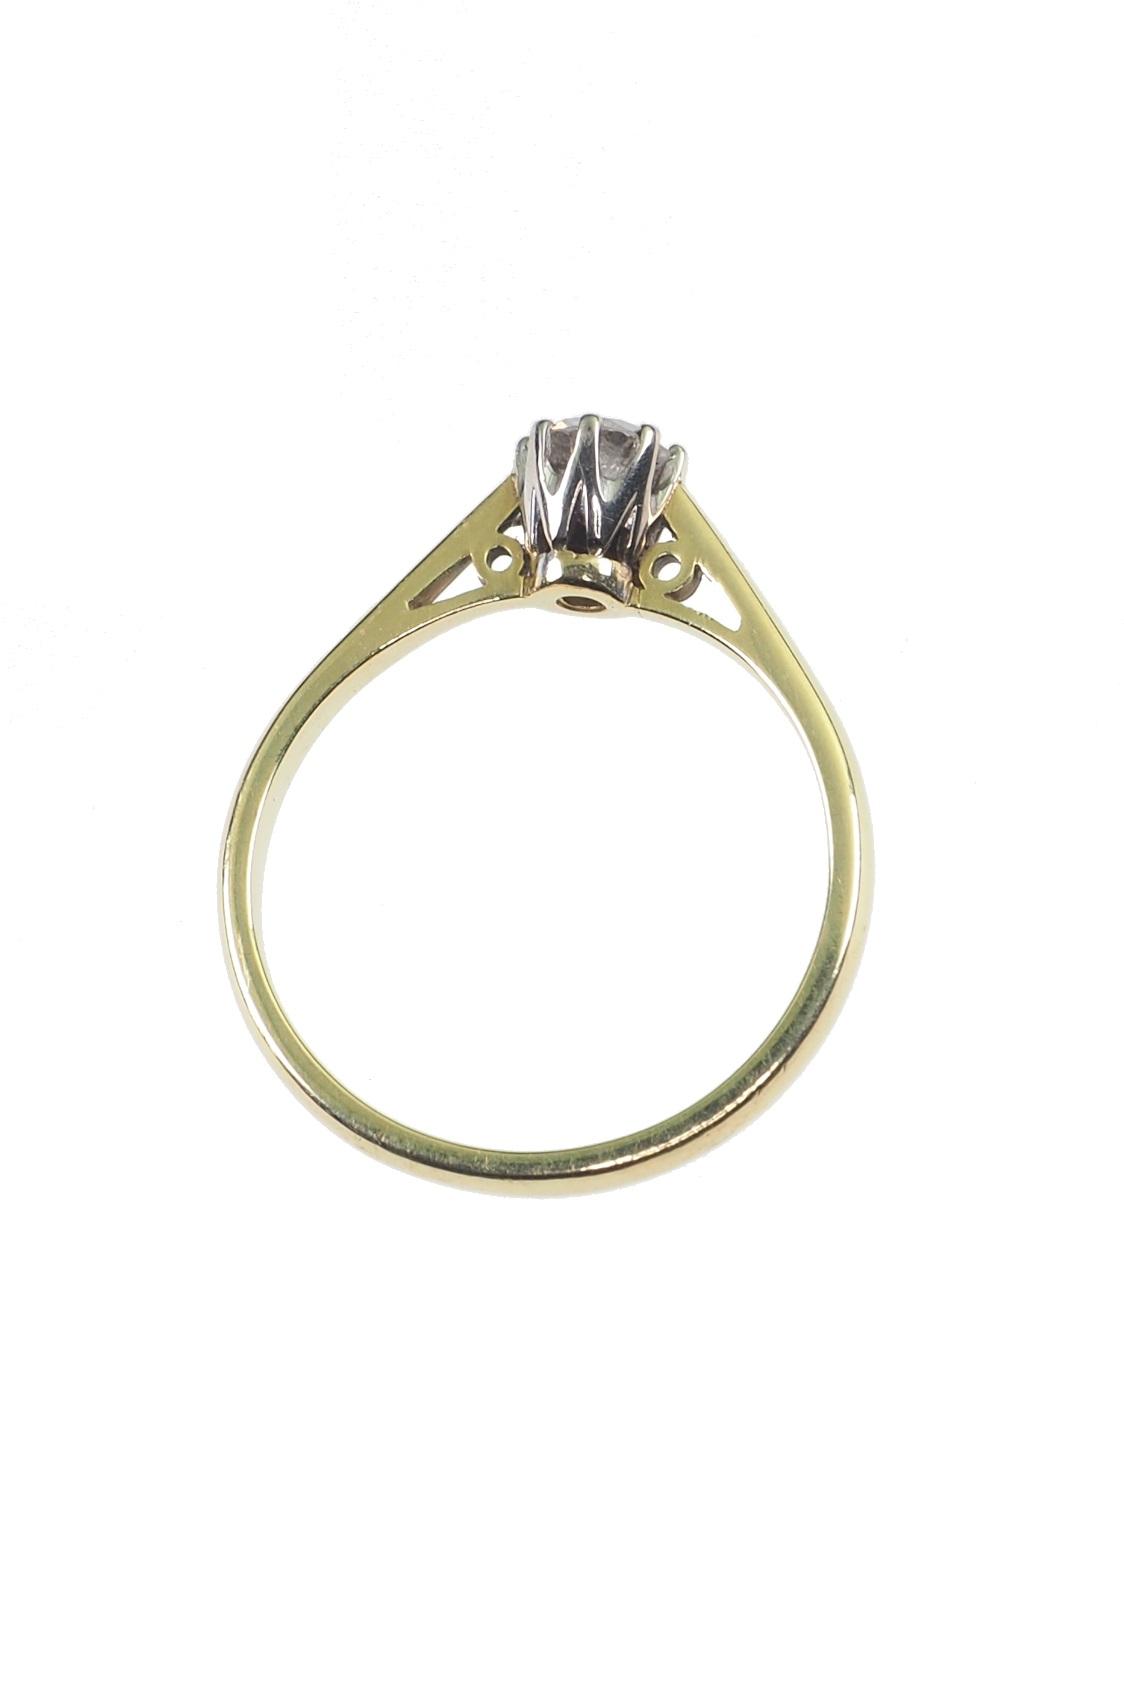 Verlobungsring-online-kaufen-2762b